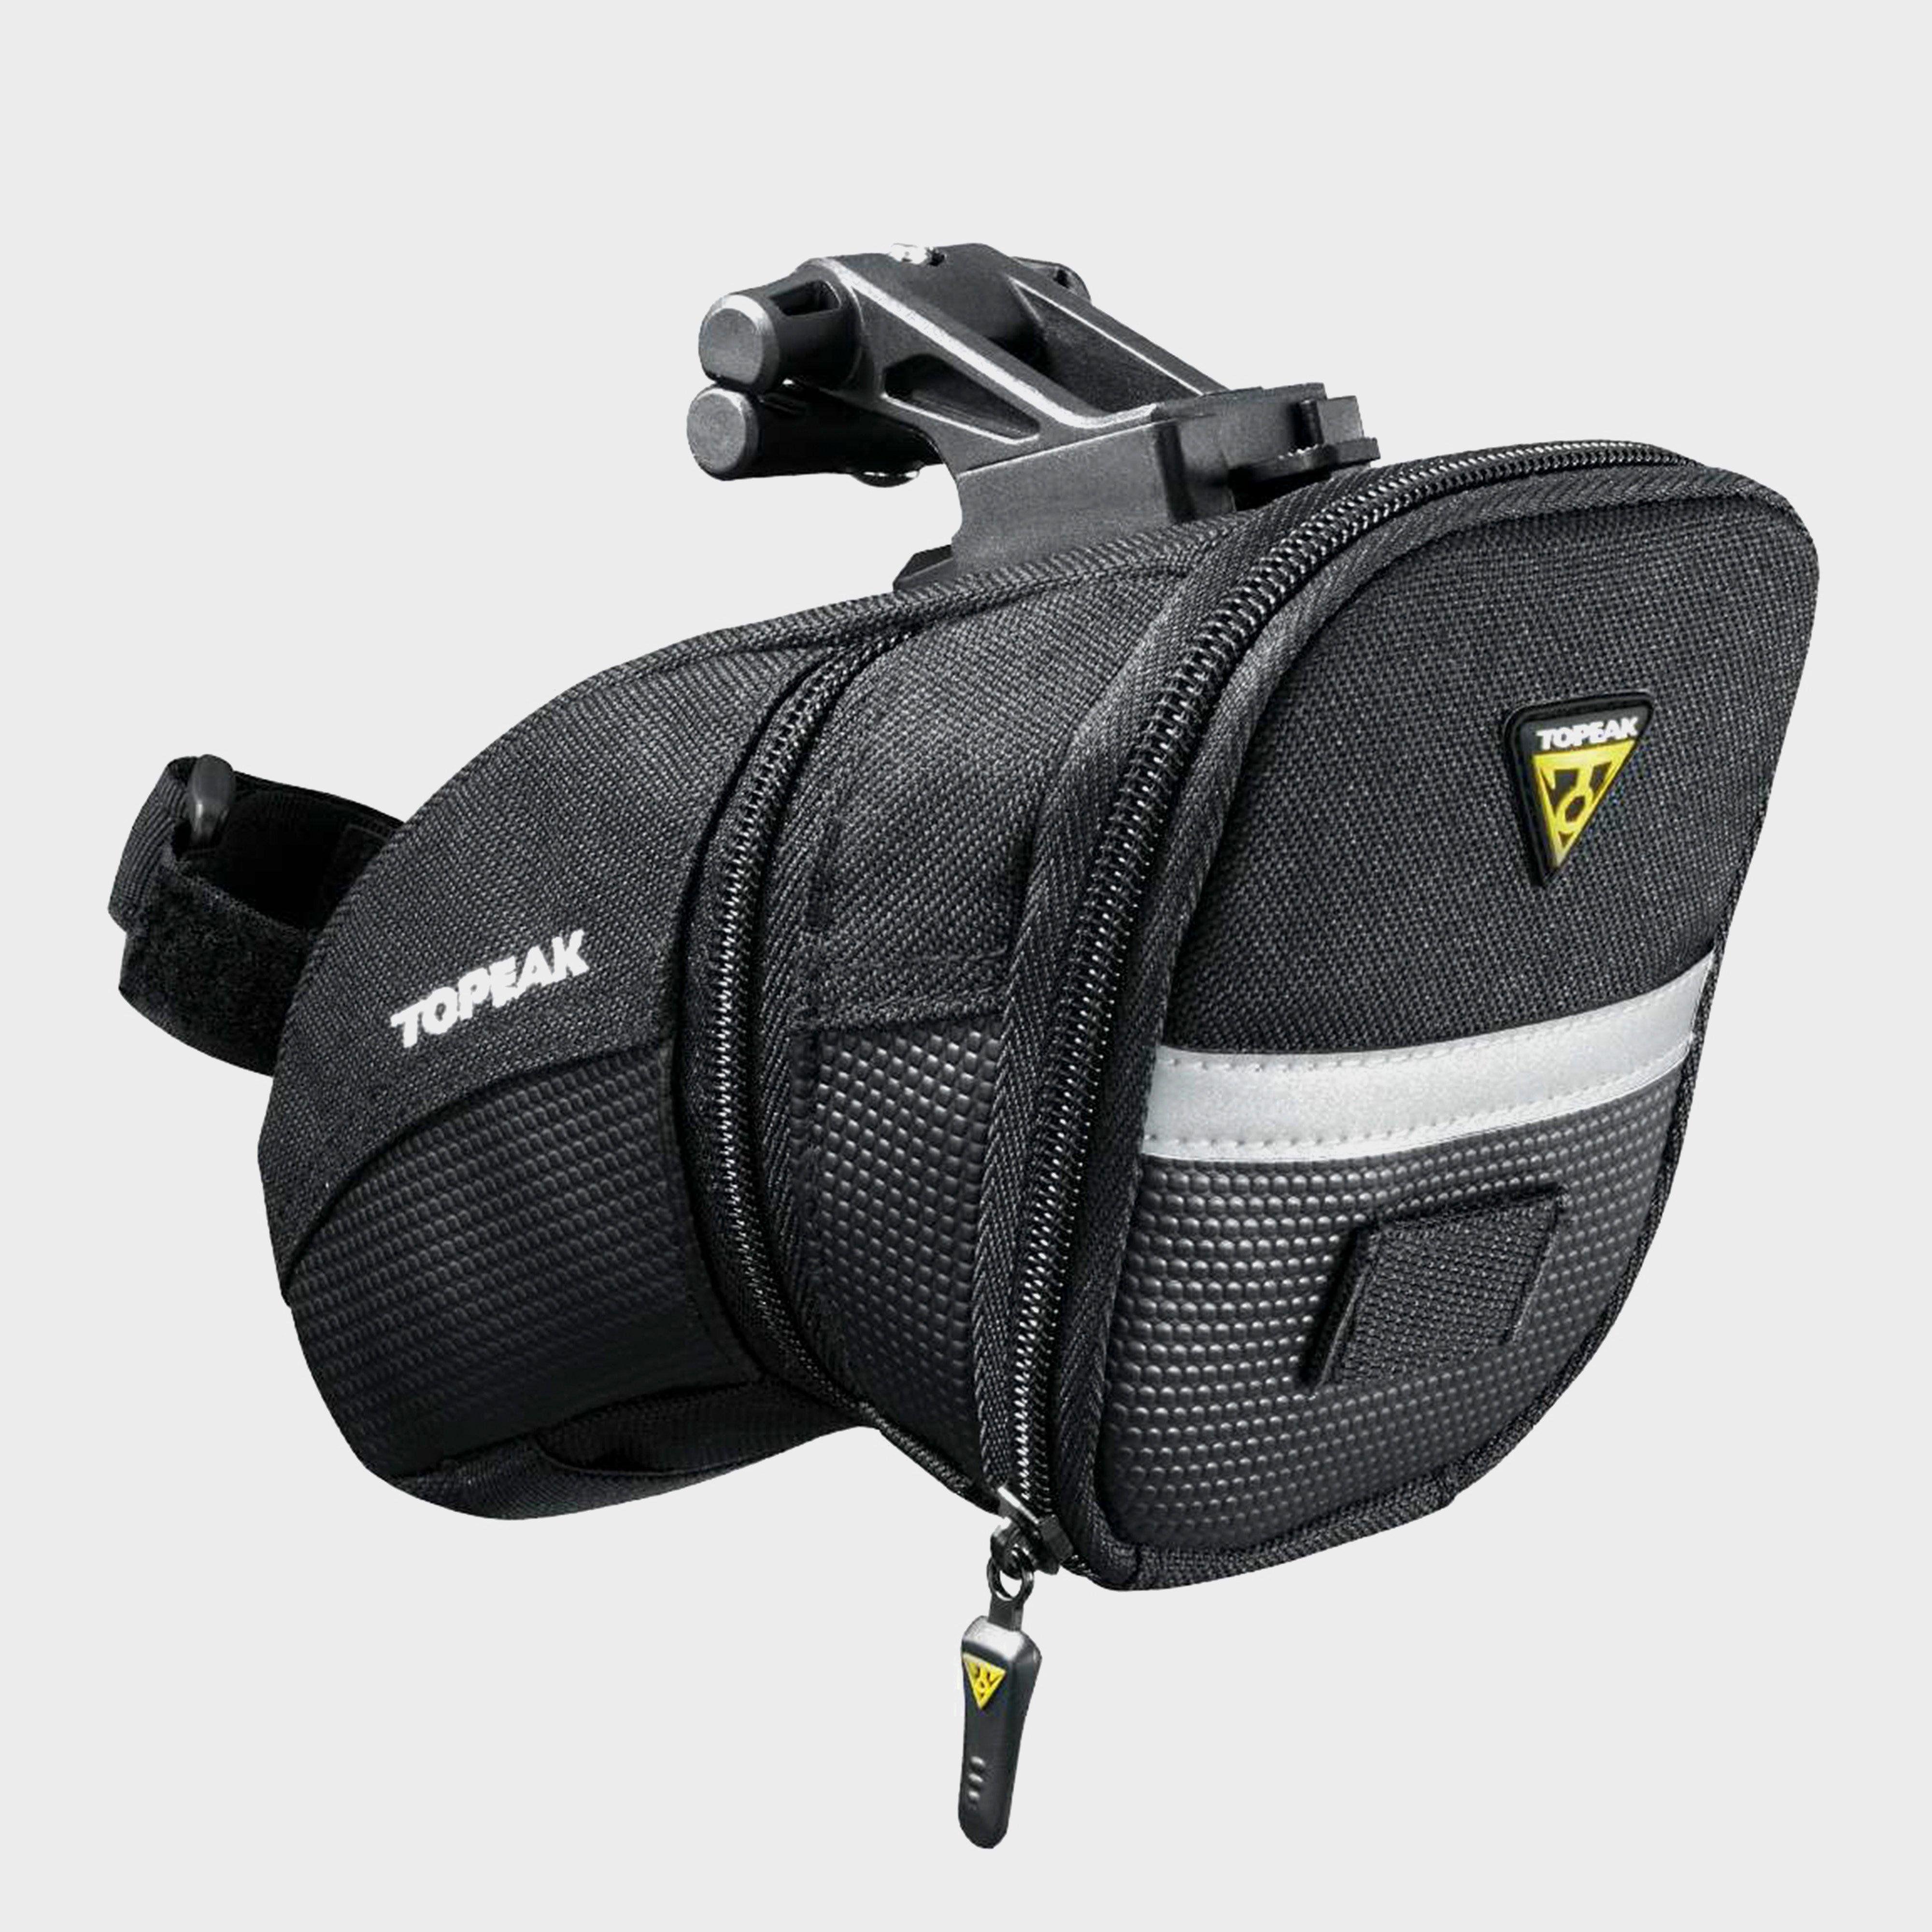 TOPEAK Aero Wedge Quick Clip Saddle Bag (Medium)